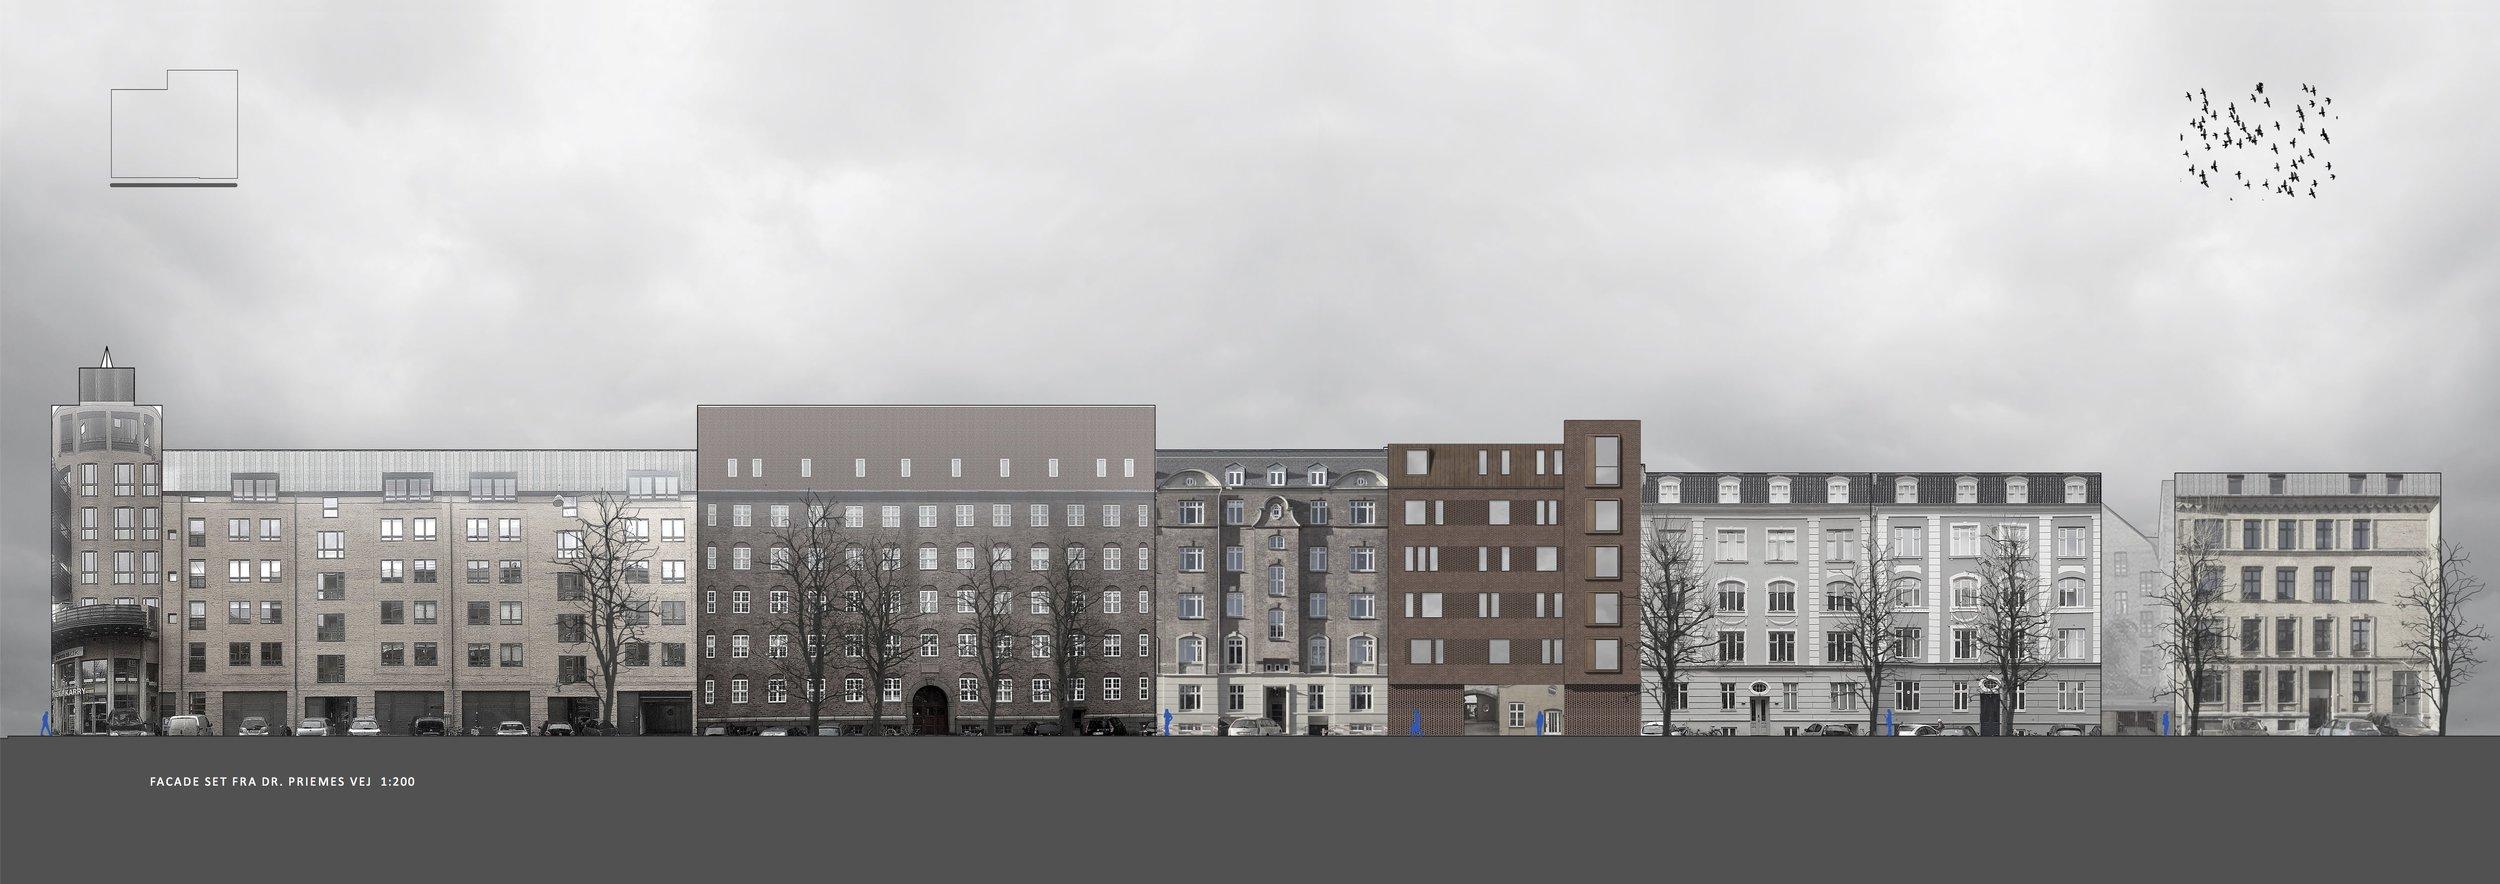 Allegade / Dr. Primesvej - unikt Fredeiksberg C projekt udvikles af MOMENTUM+